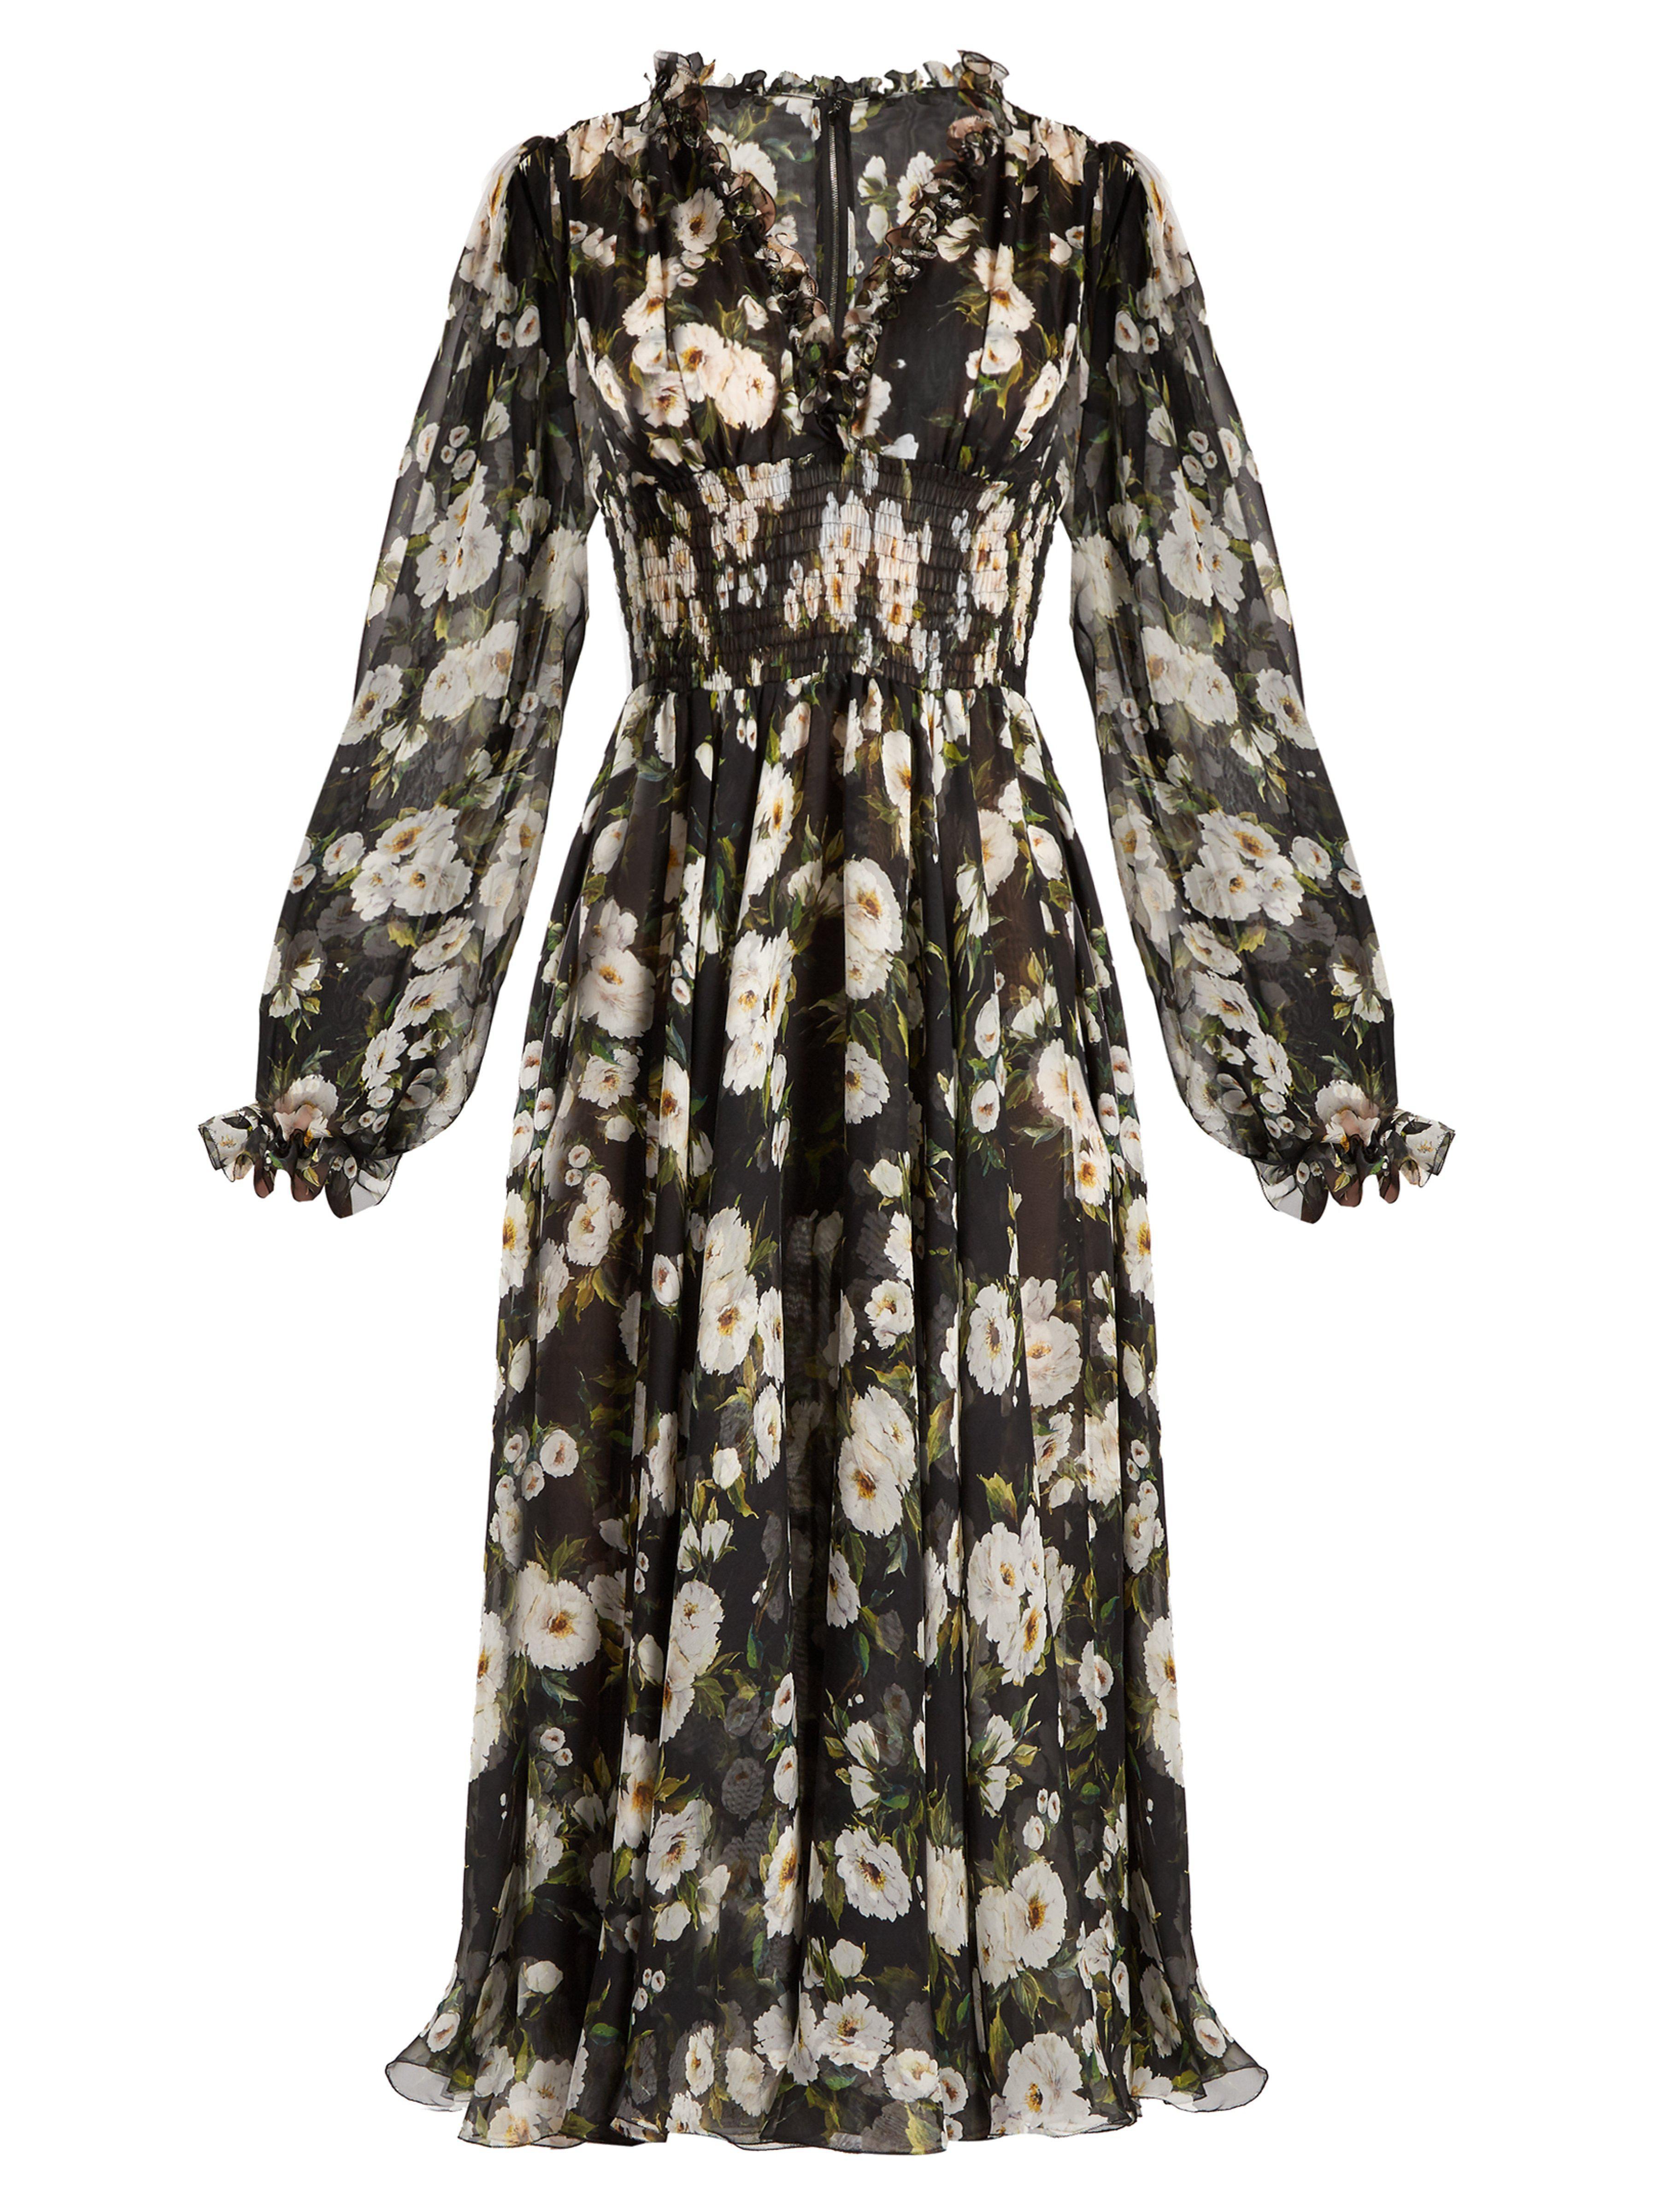 1ffd320aebf Dolce & Gabbana - Black Floral-print Ruffle-trimmed Chiffon Dress - Lyst